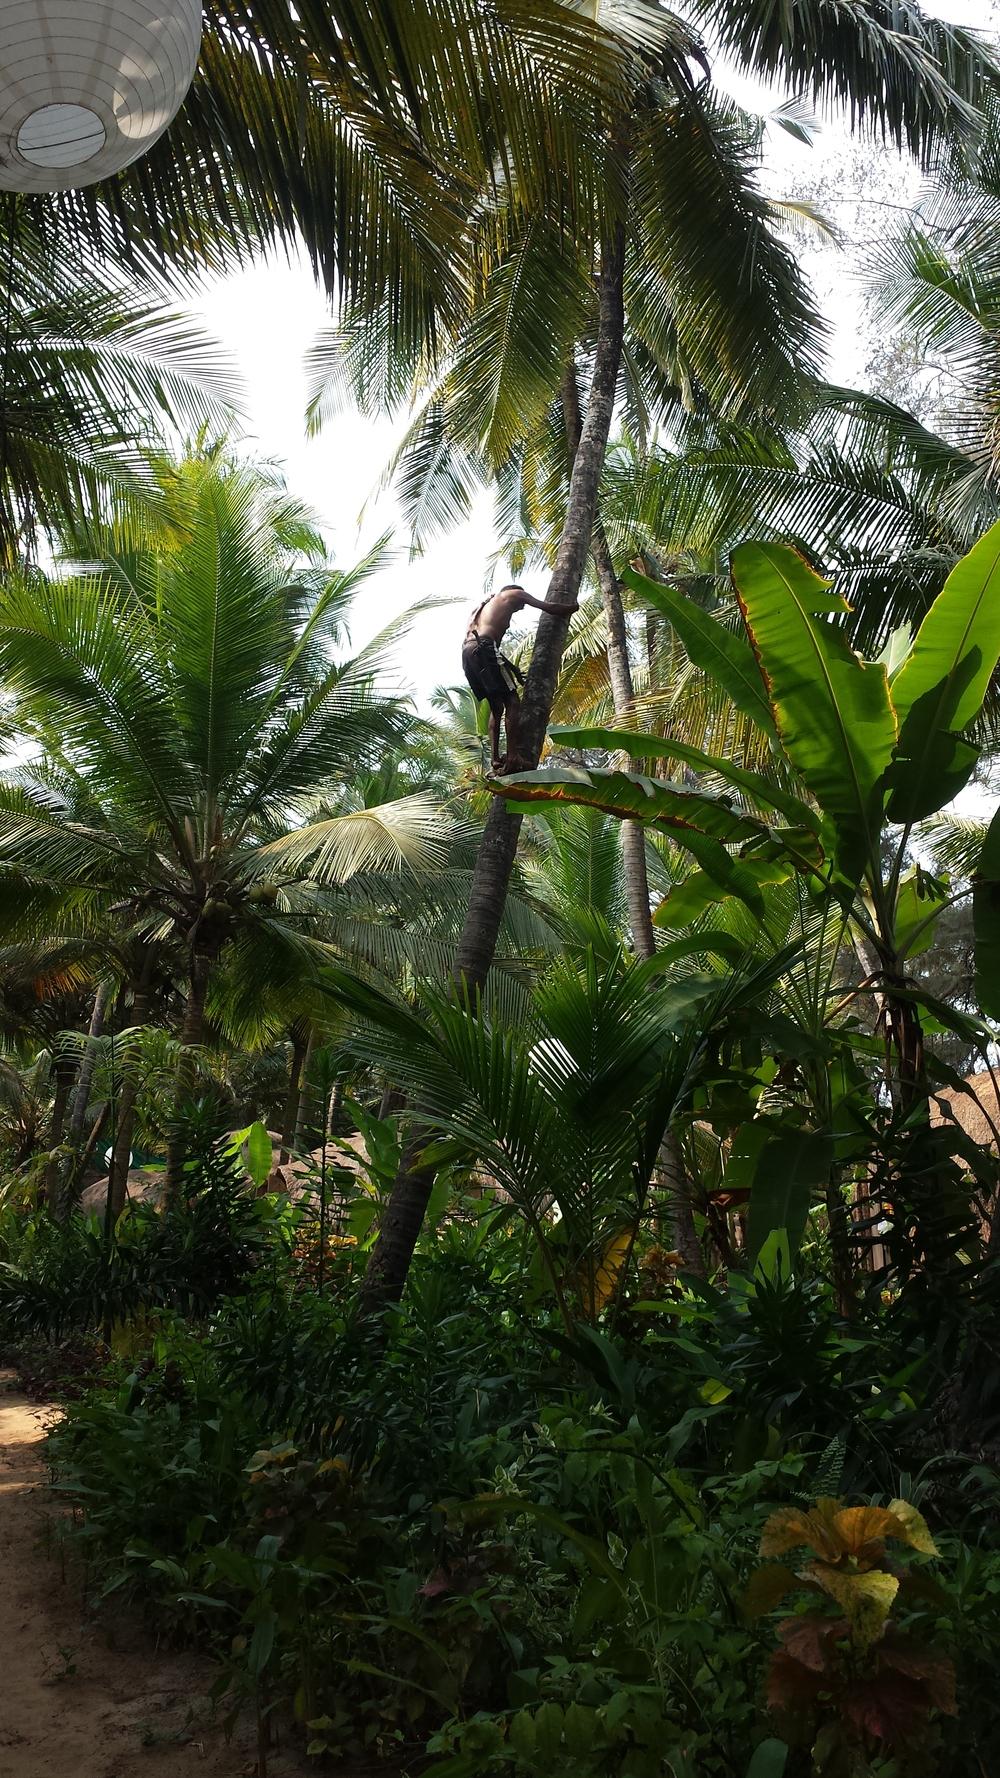 Harvesting coconuts in Goa